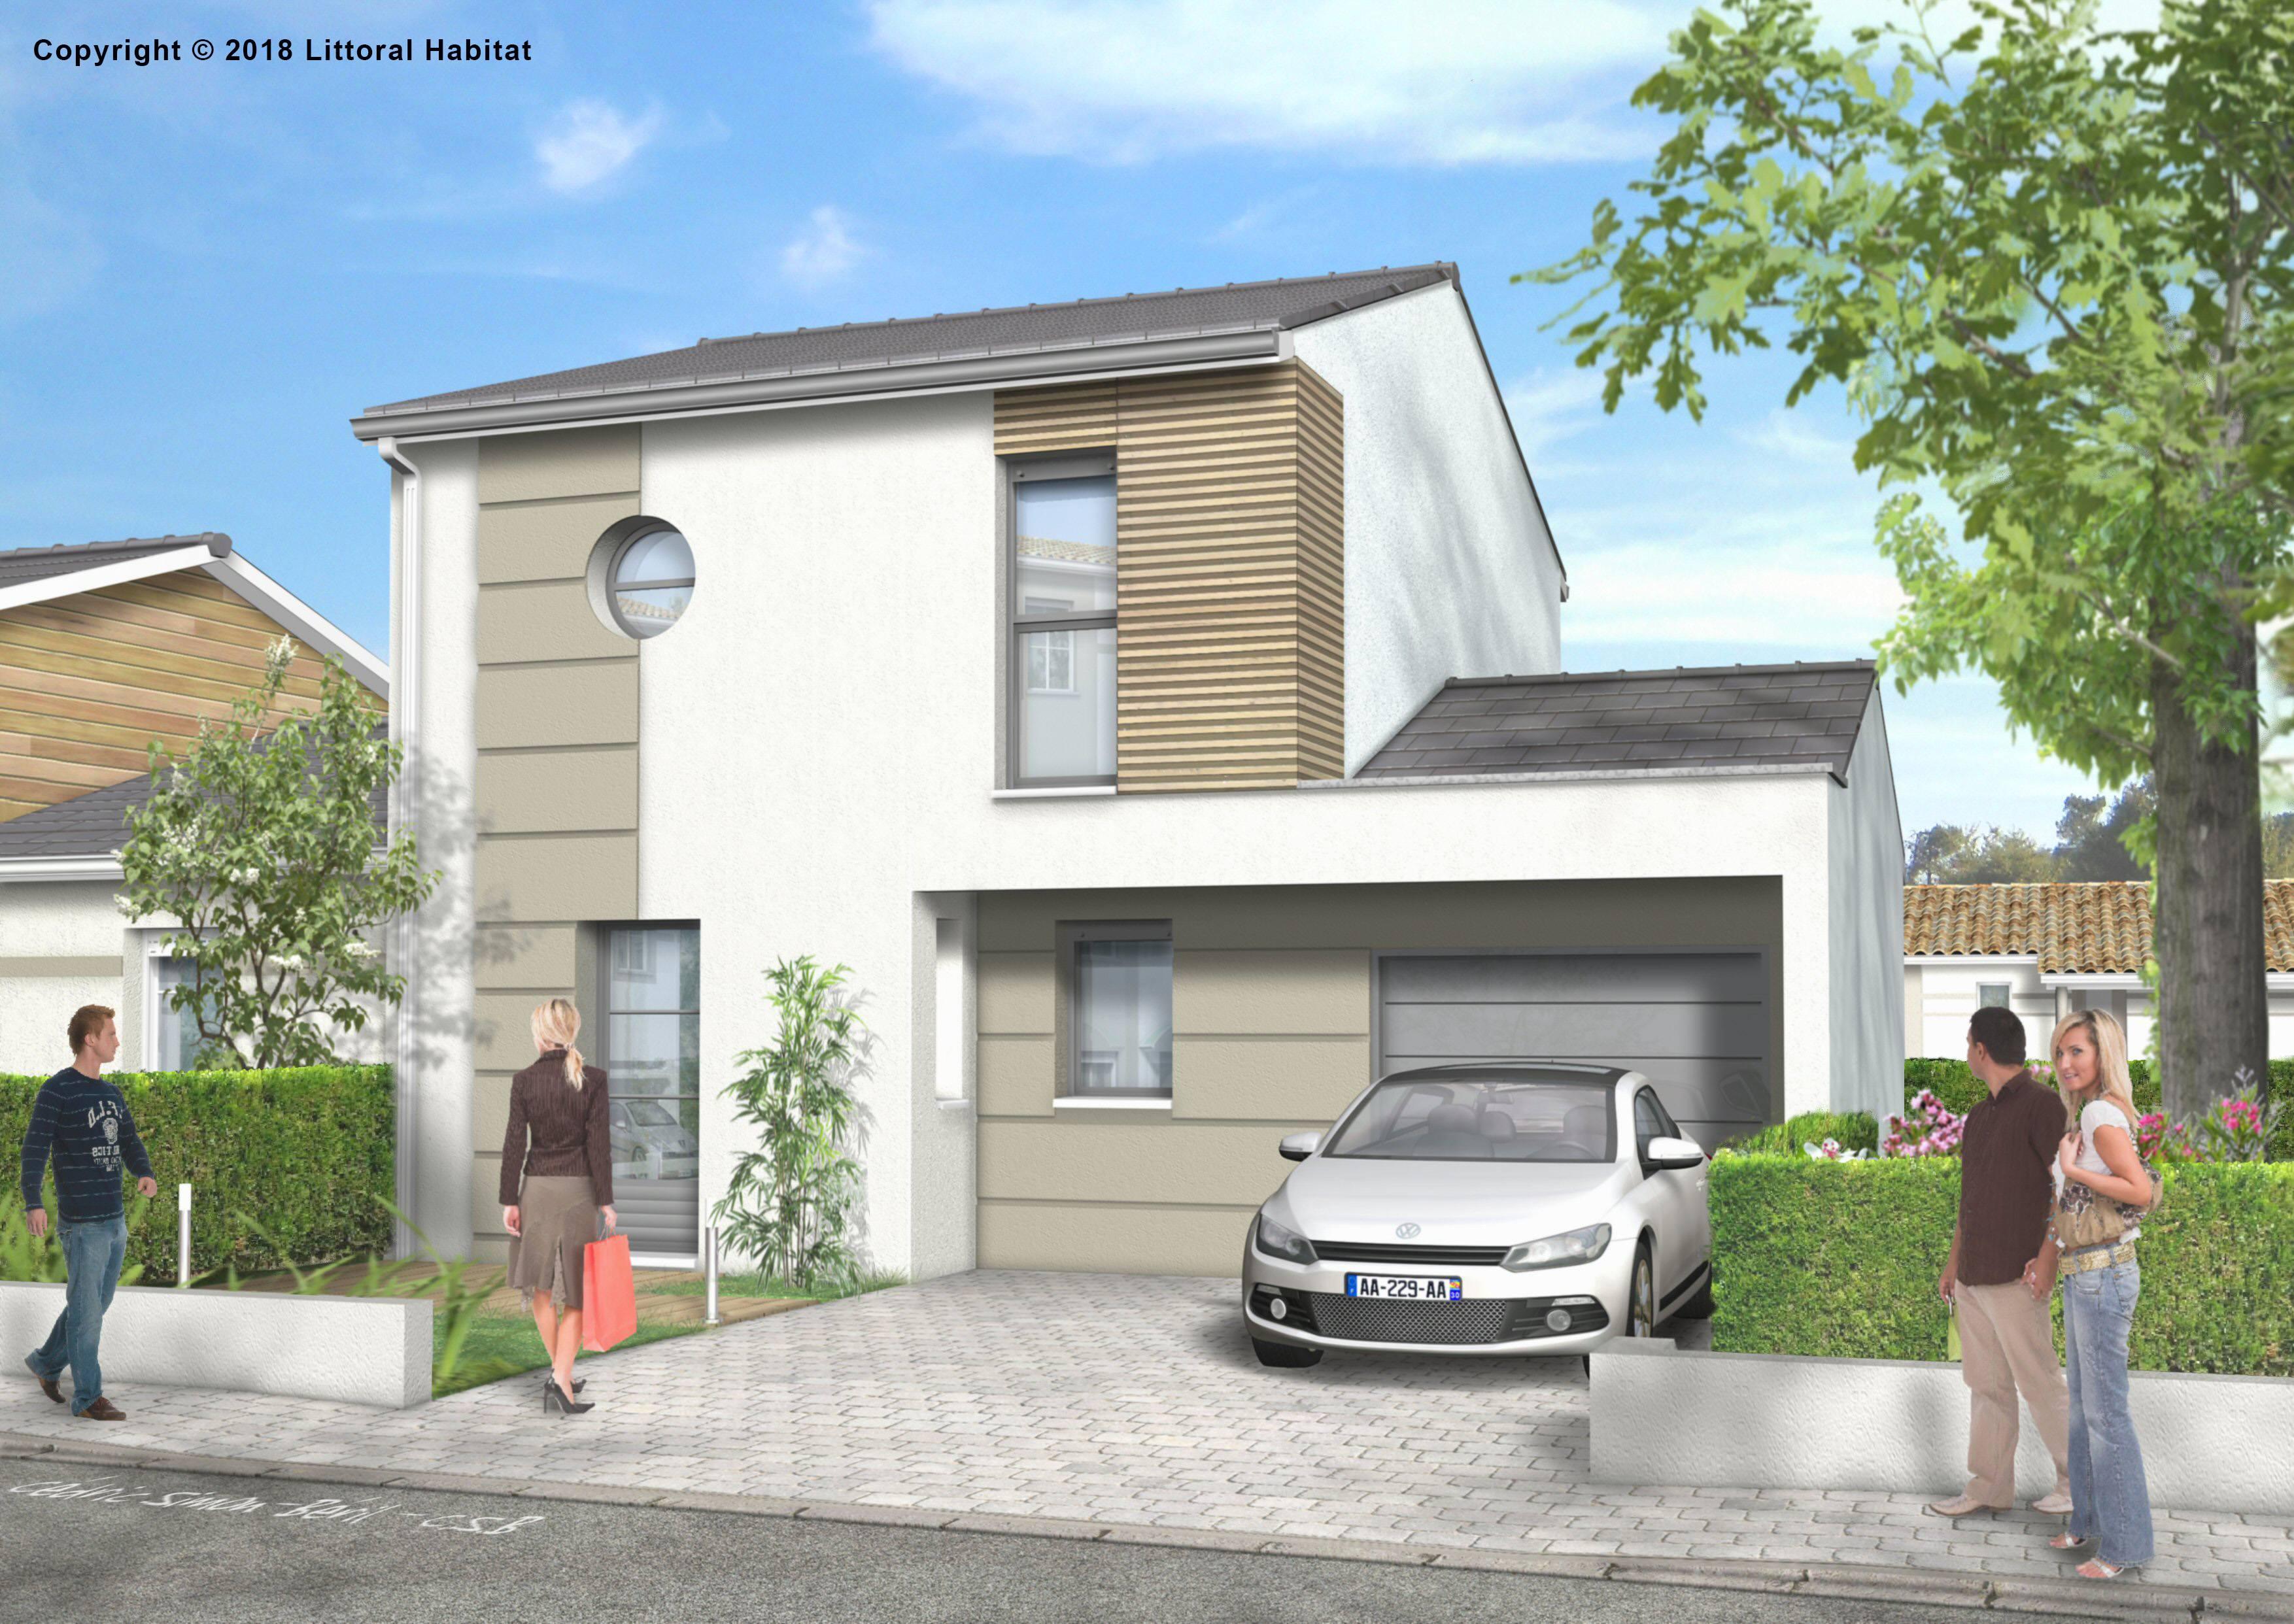 Maisons + Terrains du constructeur LITTORAL HABITAT DAX • 78 m² • HERM